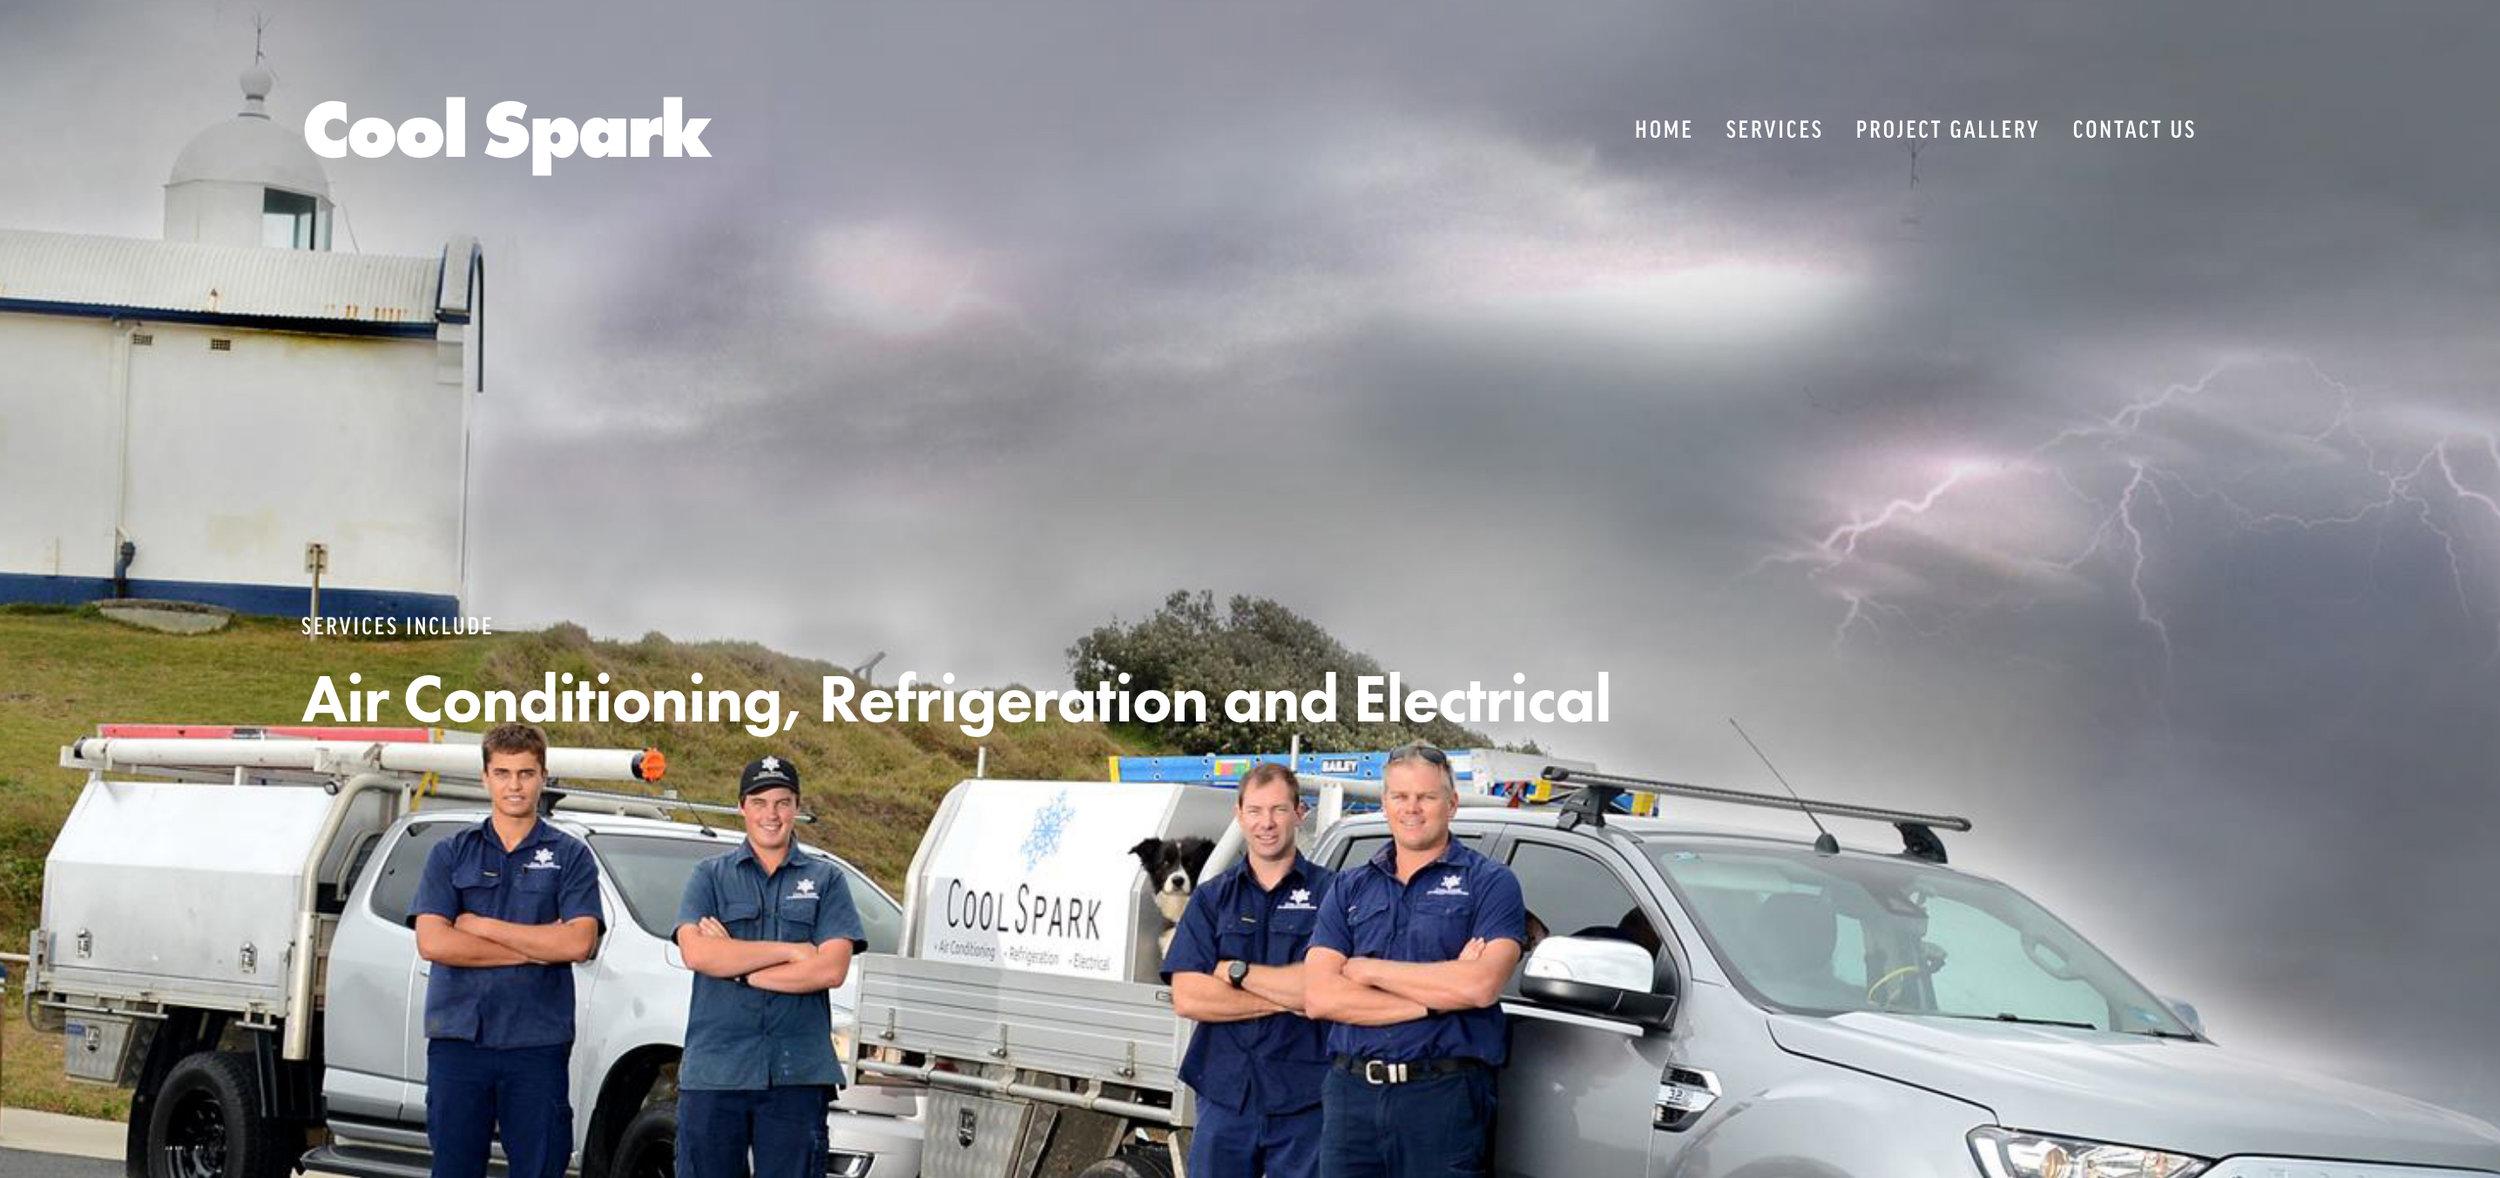 Cool Spark - Website - By Tanika Blair 1.jpg